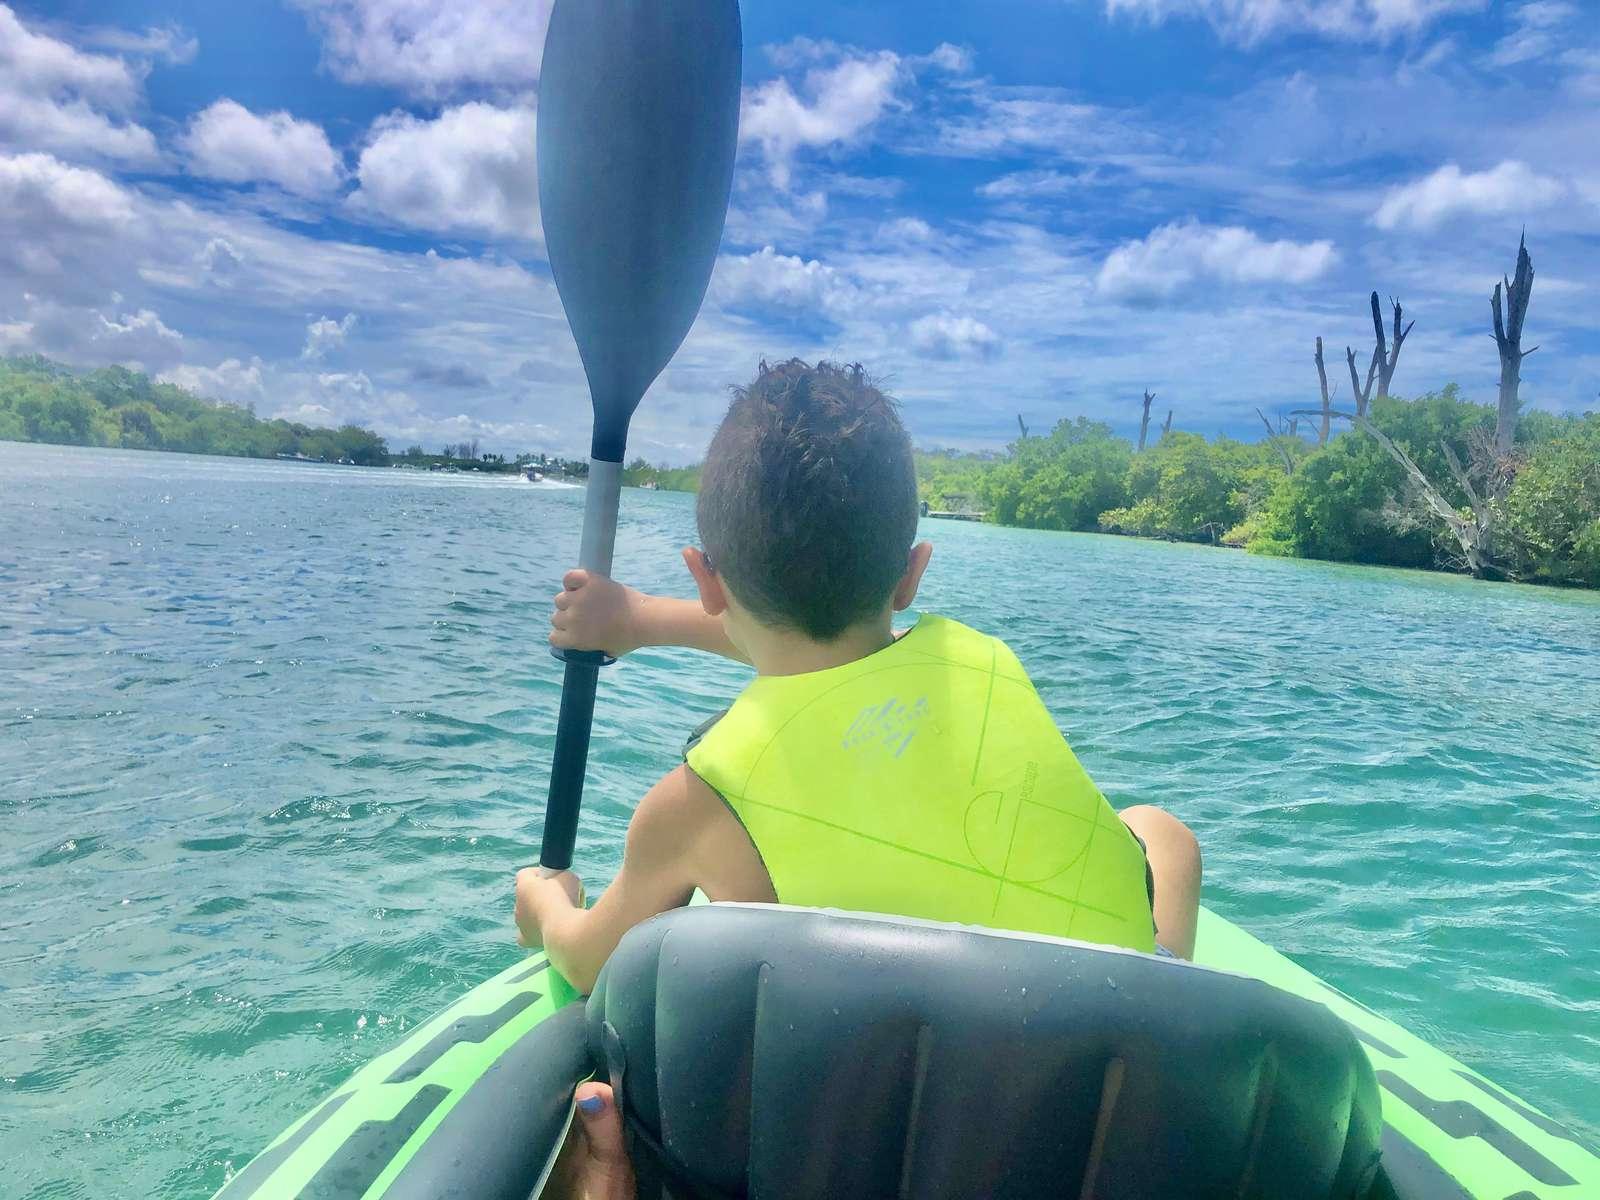 Kayaking in Lemon Bay